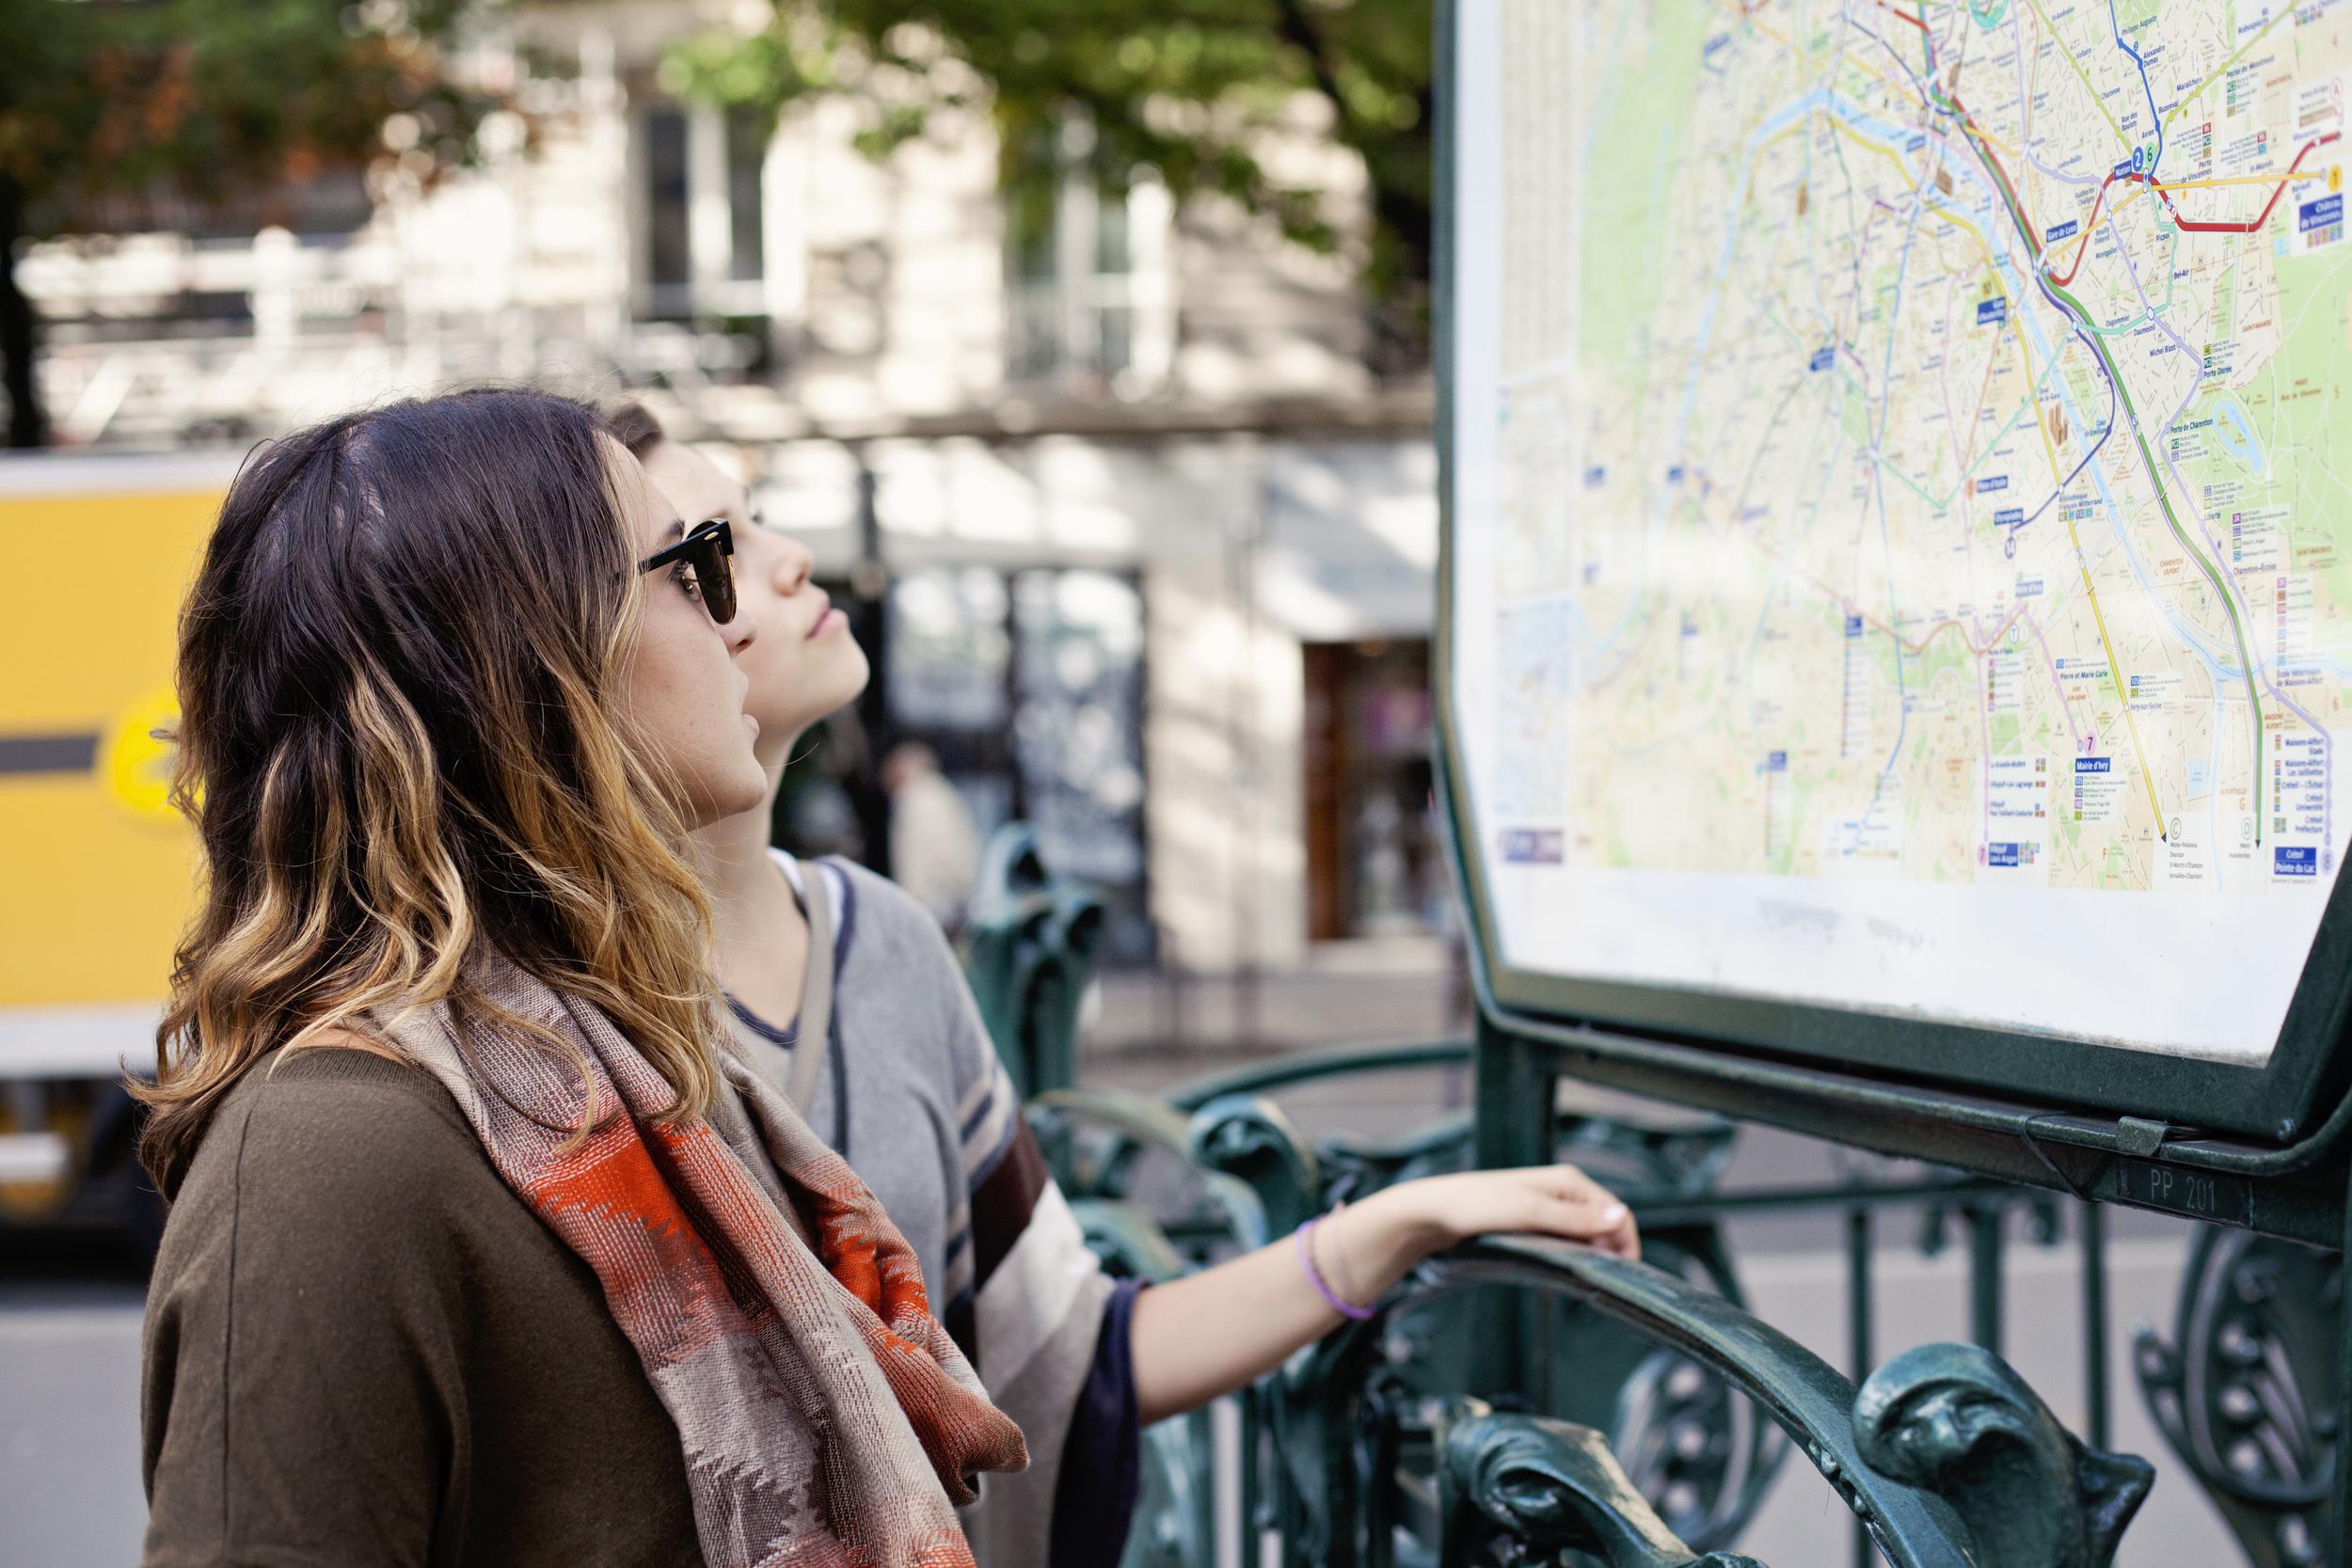 Paris_20121005_0442_1